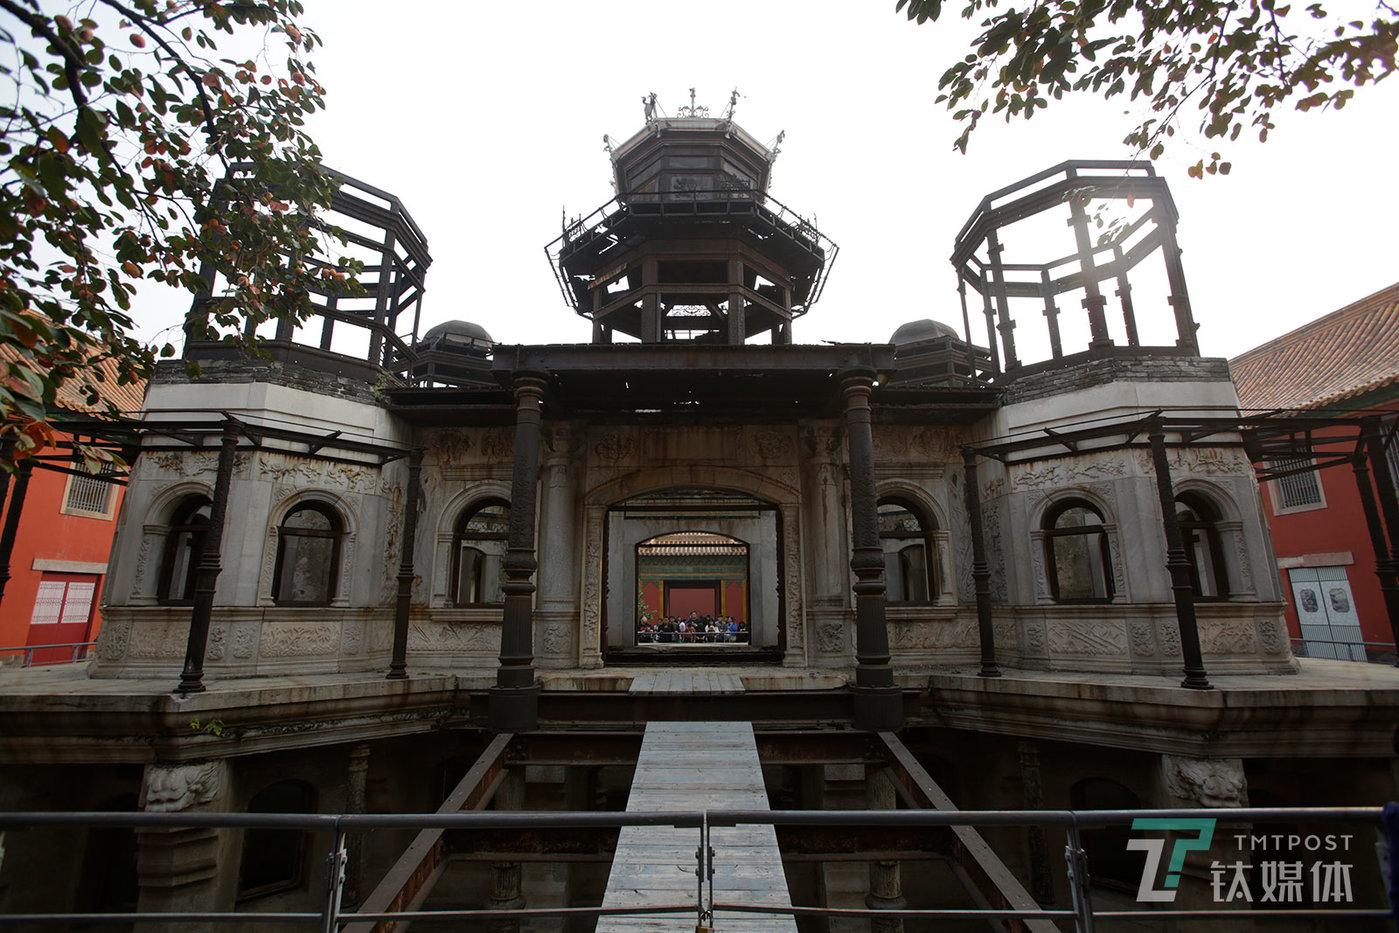 【烂尾楼】10月14日,北京故宫延禧宫。《延禧攻略》火爆网络,延禧宫野成为游客必到的地点,跟剧中的延禧宫完全不一样,现实中的延禧宫其实是一座烂尾楼。